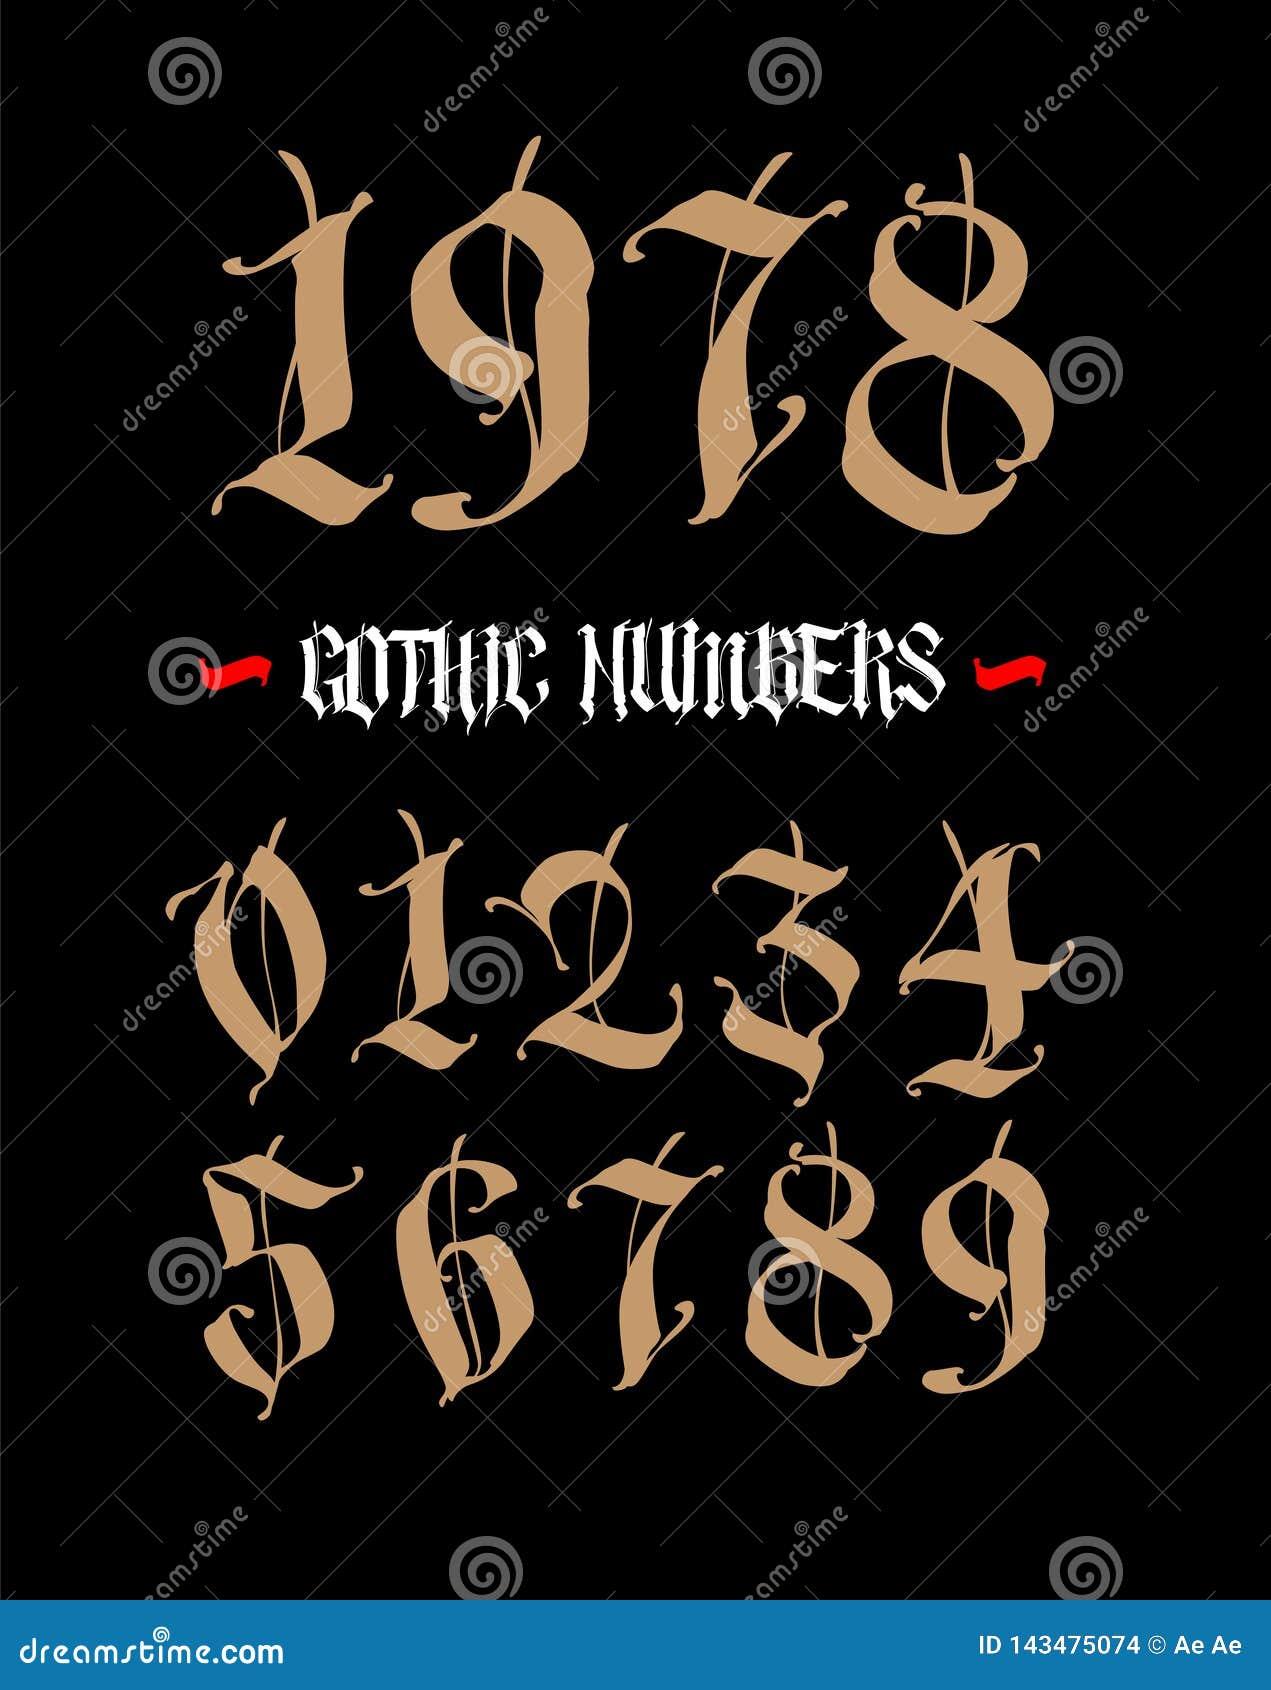 Liczby s? w gotyka stylu wektor Symbole odizolowywaj?cy na bia?ym tle Kaligrafia i literowanie ?redniowieczne postacie